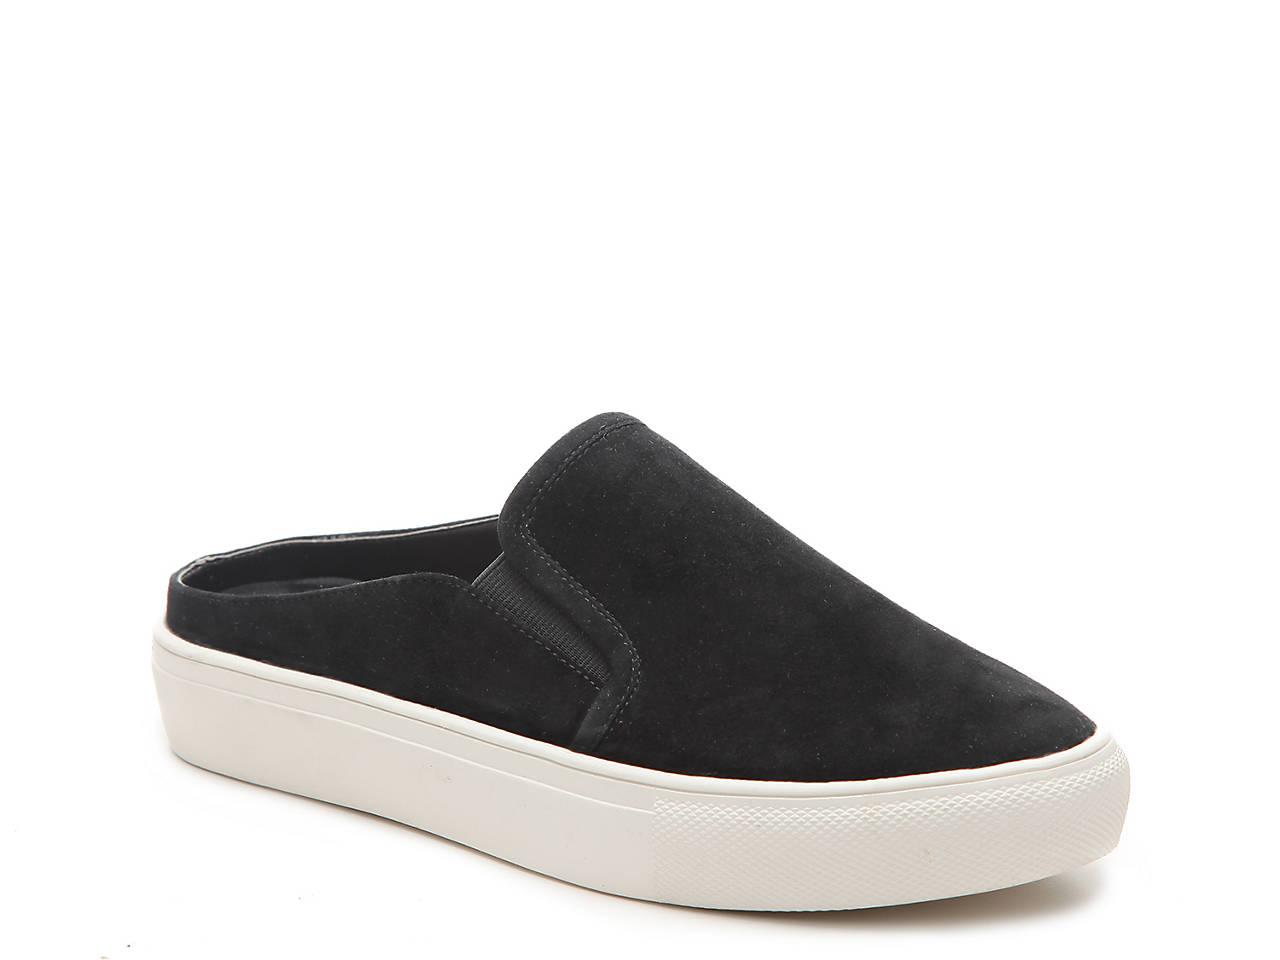 Vince. Woman Suede Platform Sneakers Black Size 8 Vince nLmweZEc